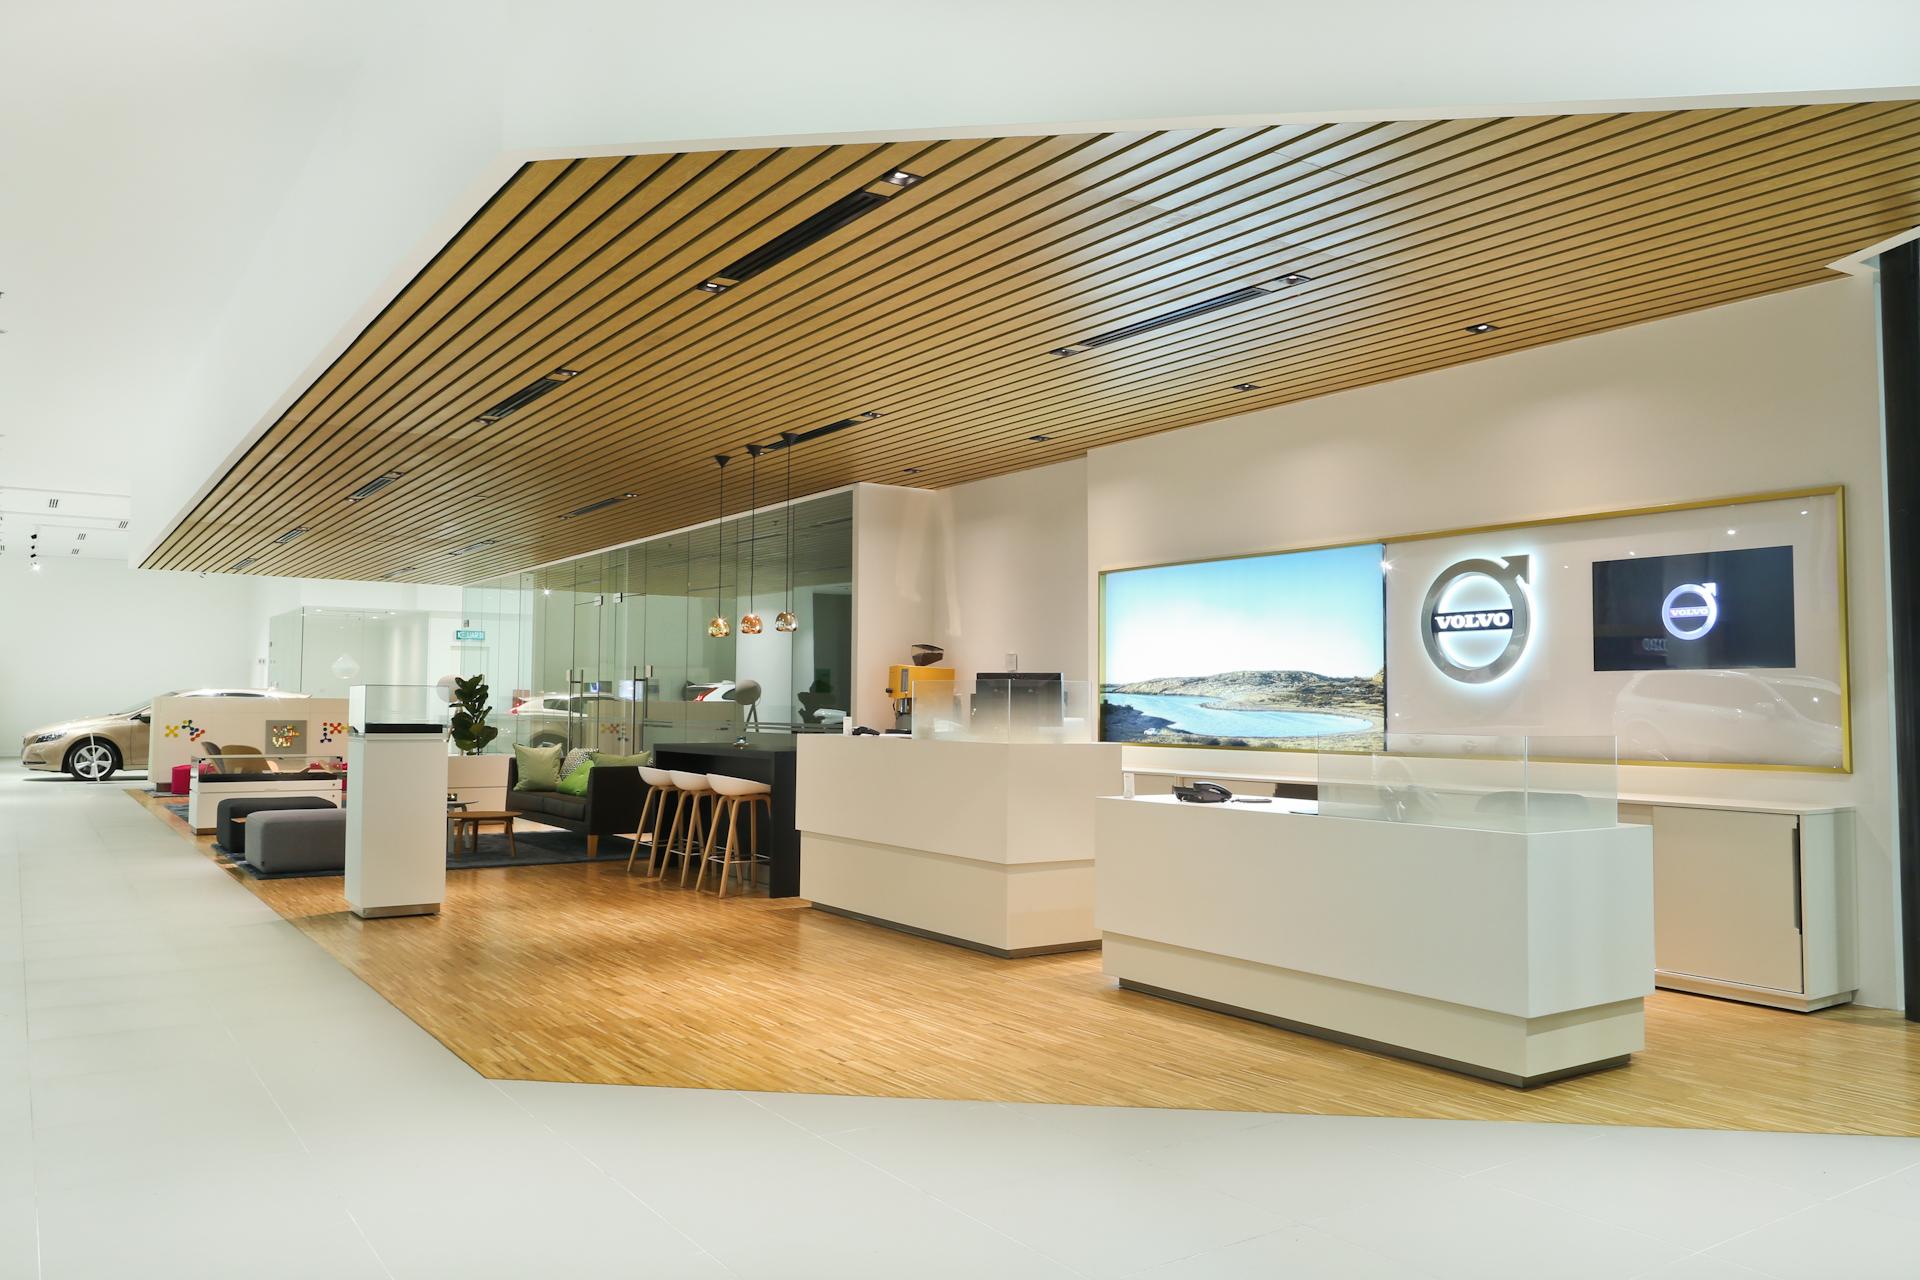 Volvo Retail Experience